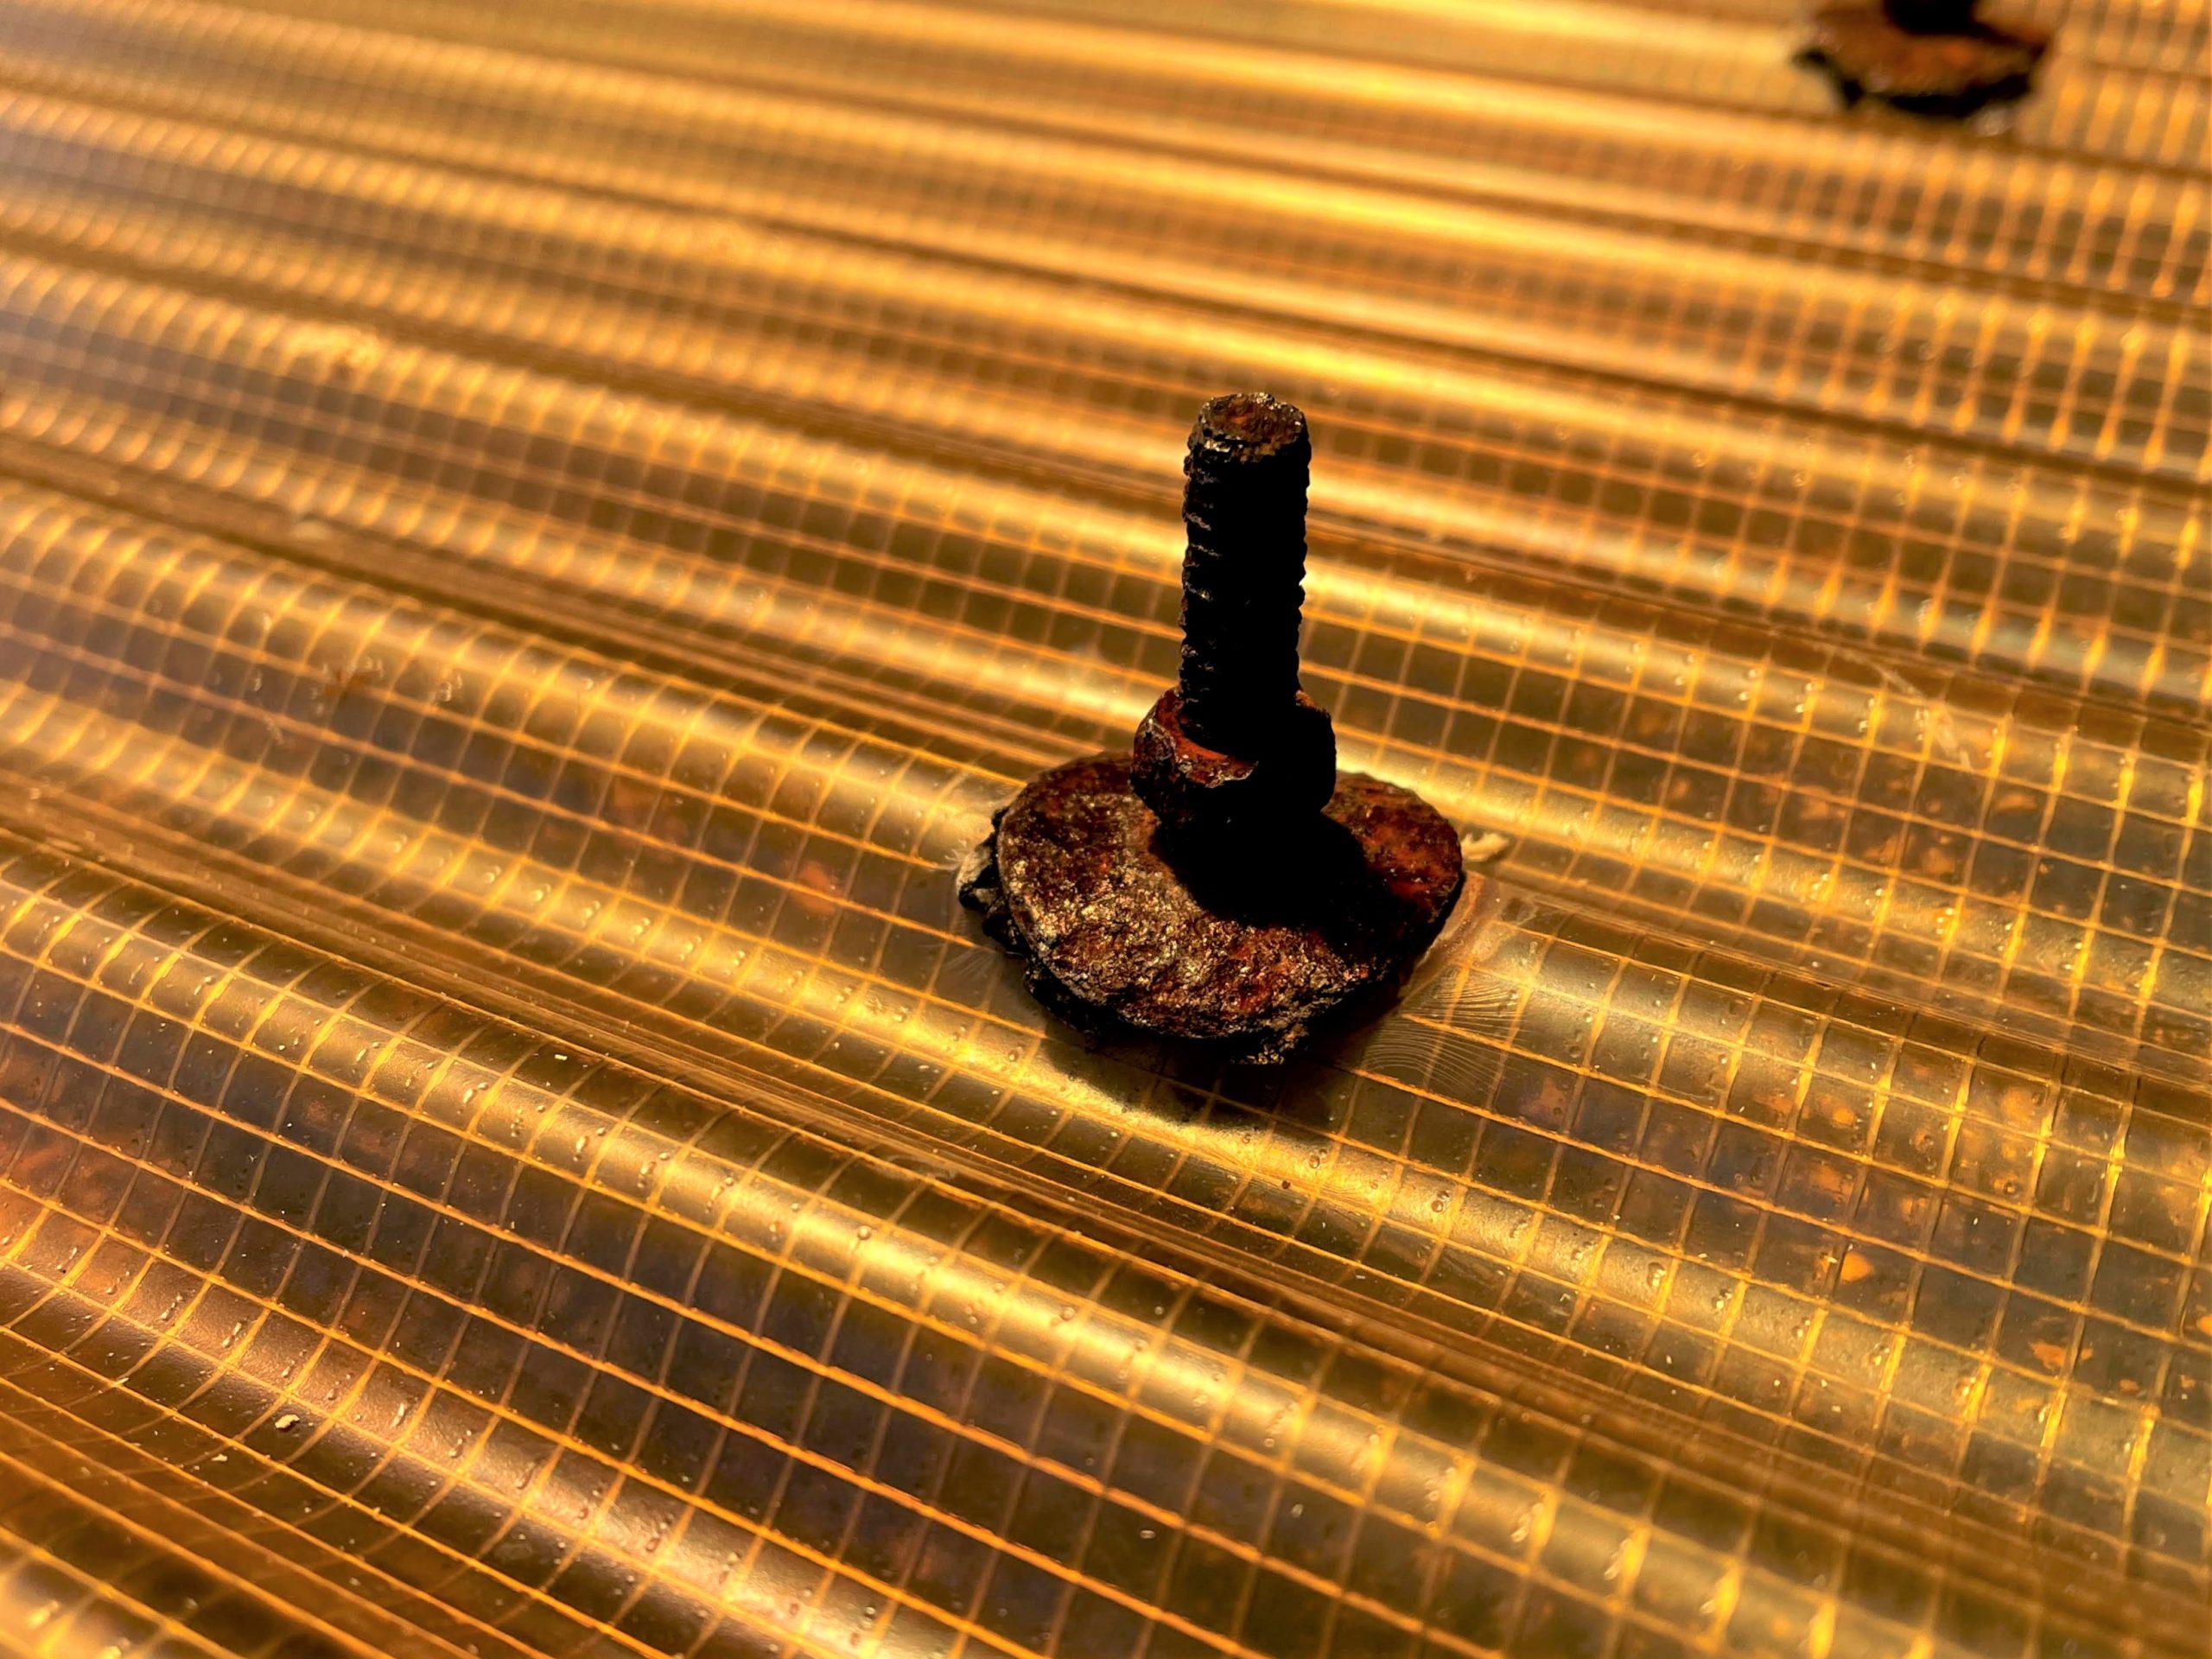 ガラス繊維ネットを挟んで強化した硬質塩化ビニール素材でできた波板。車庫でよく使われる素材